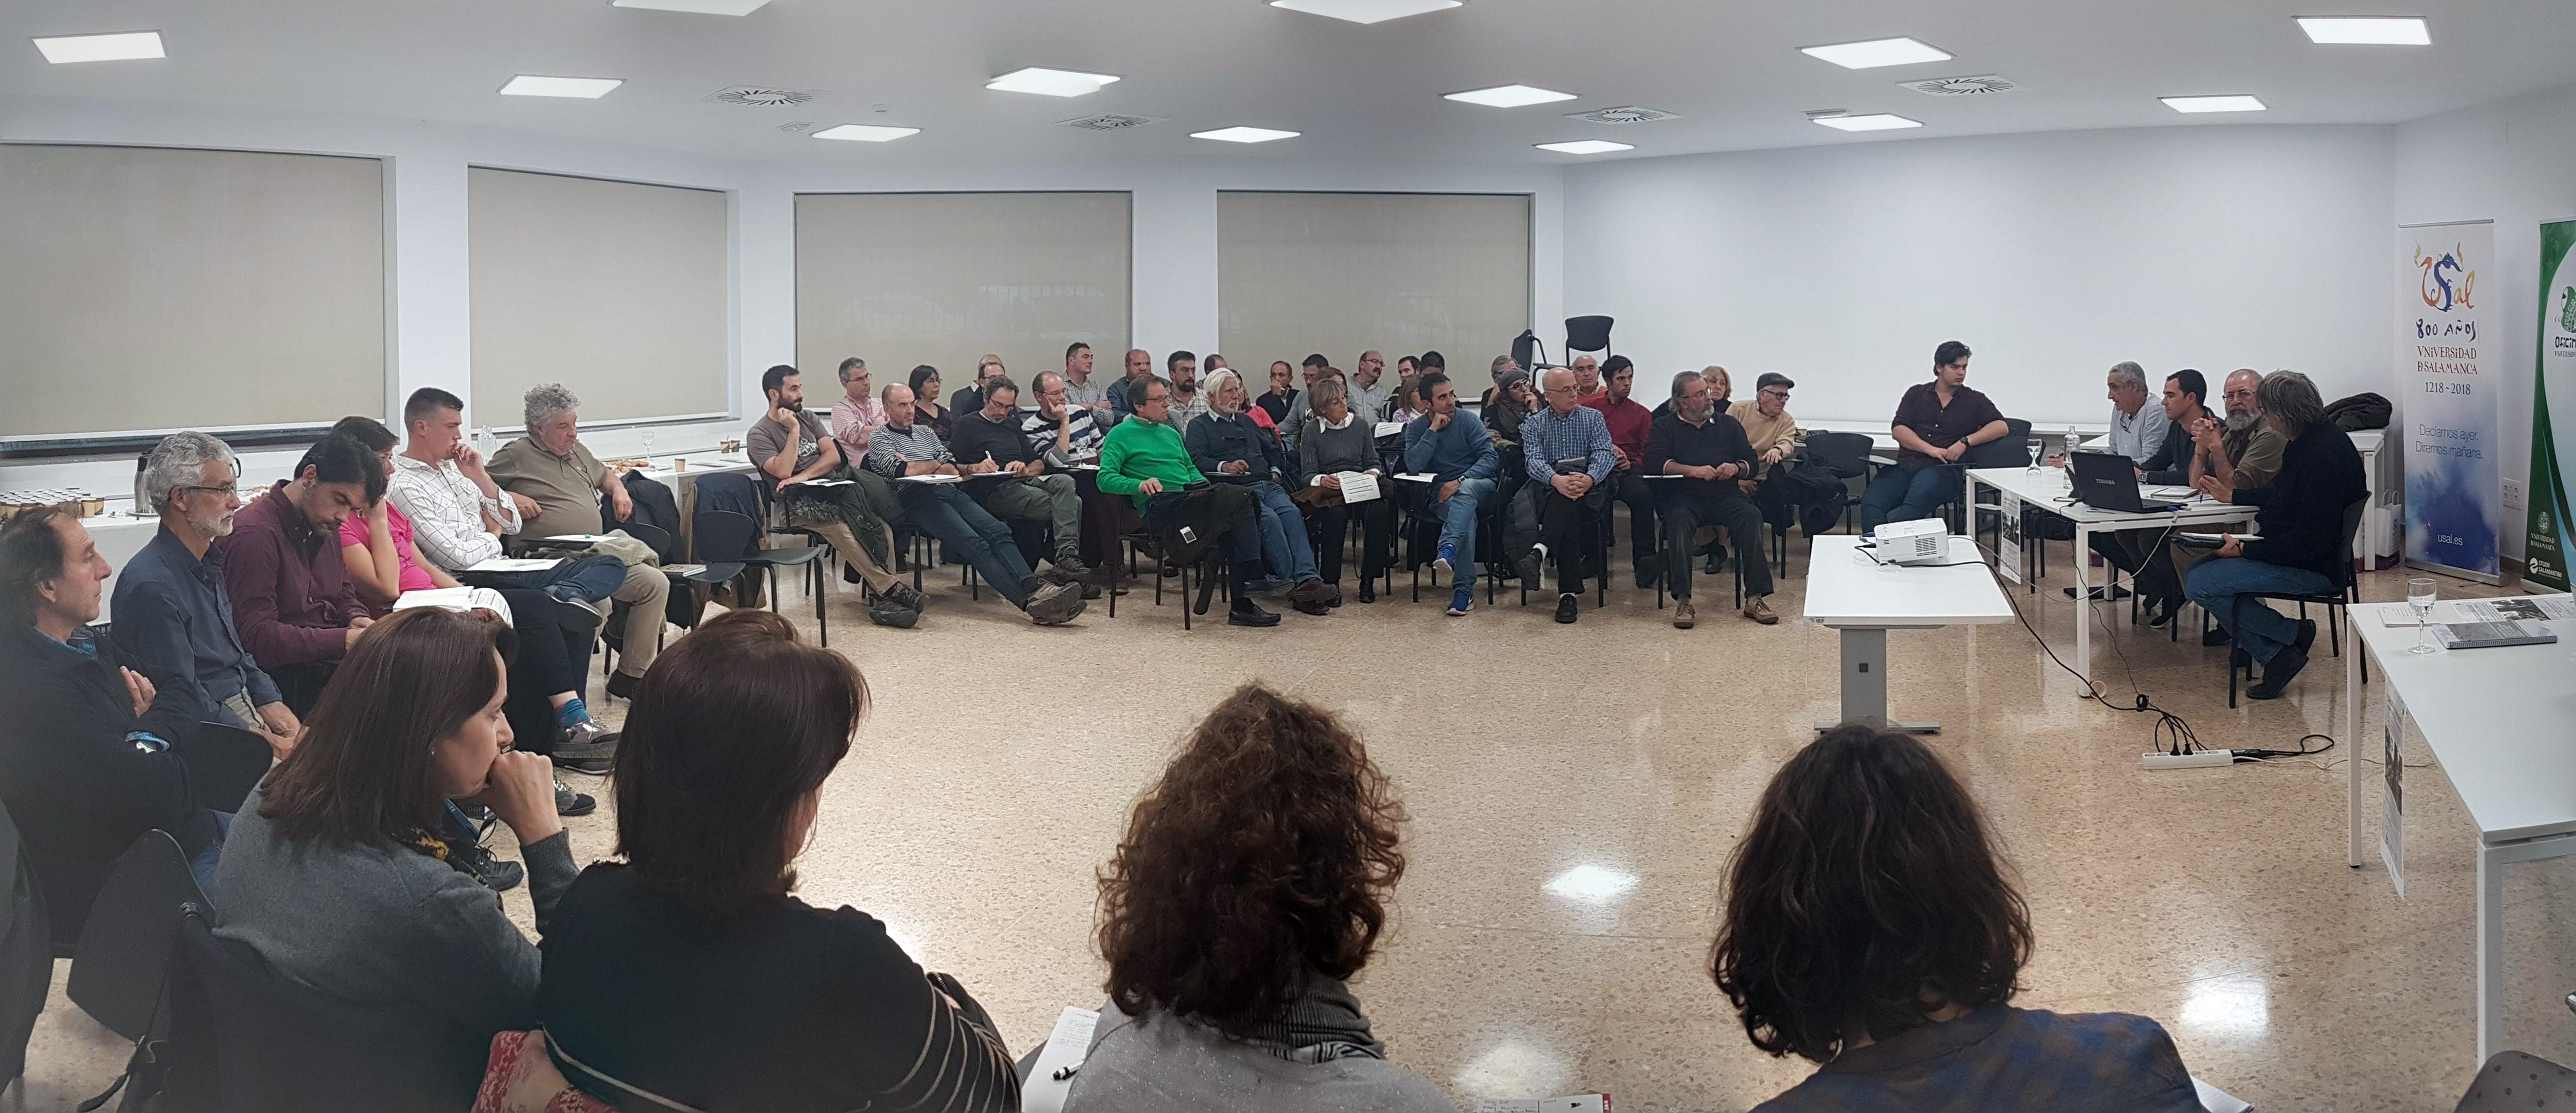 La Universidad de Salamanca debate sobre el valor y el futuro de las dehesas ibéricas en una jornada